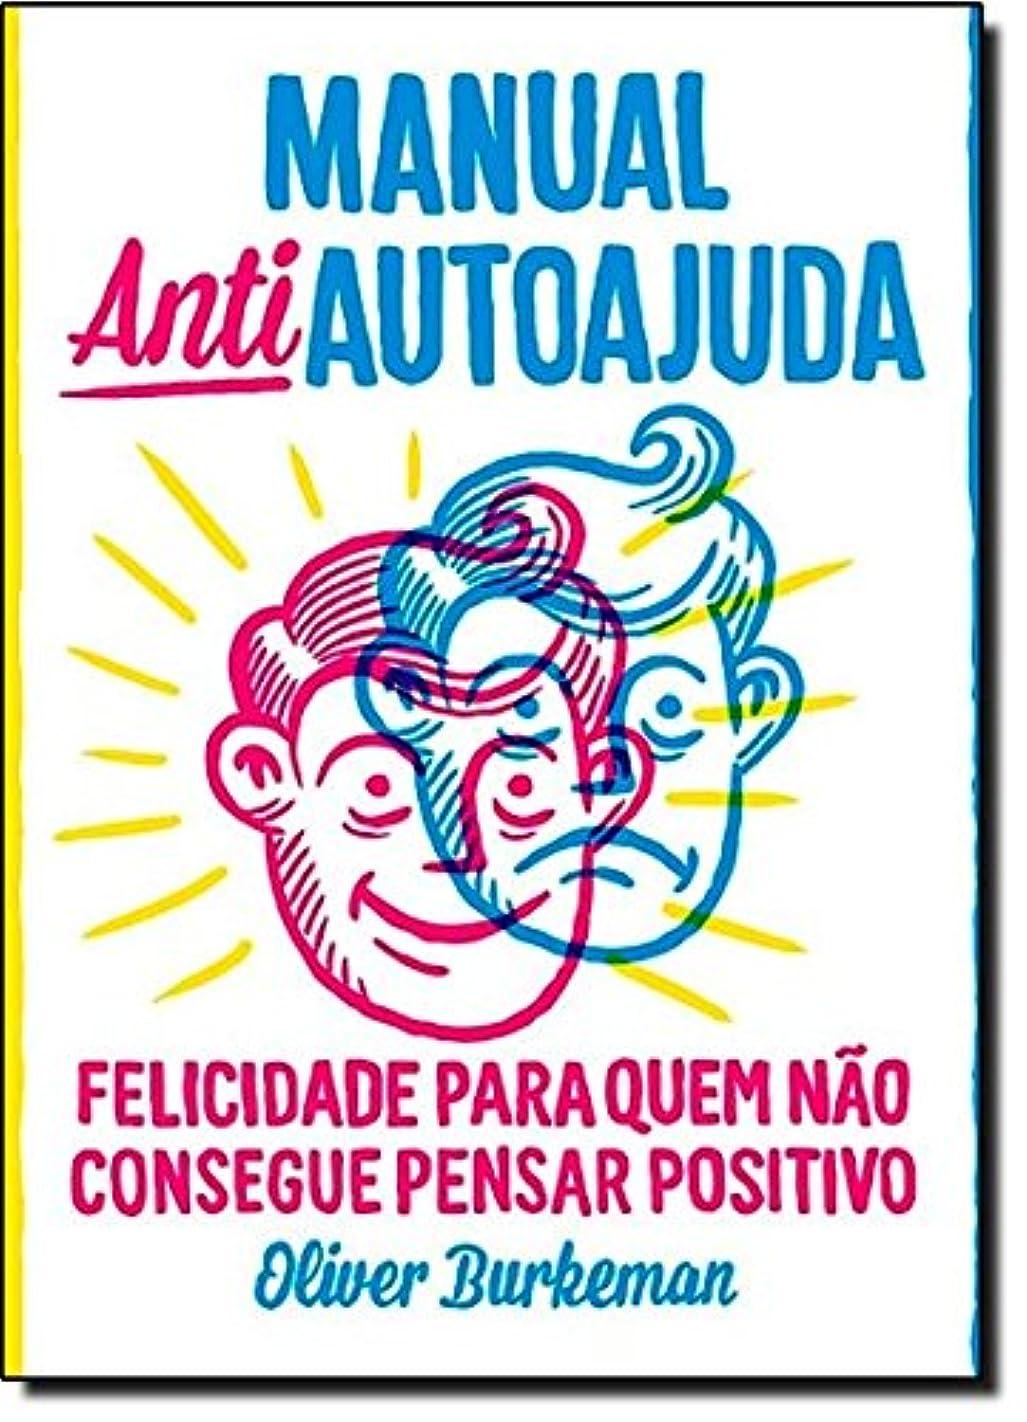 また明日ね有利古くなったManual Antiautoajuda